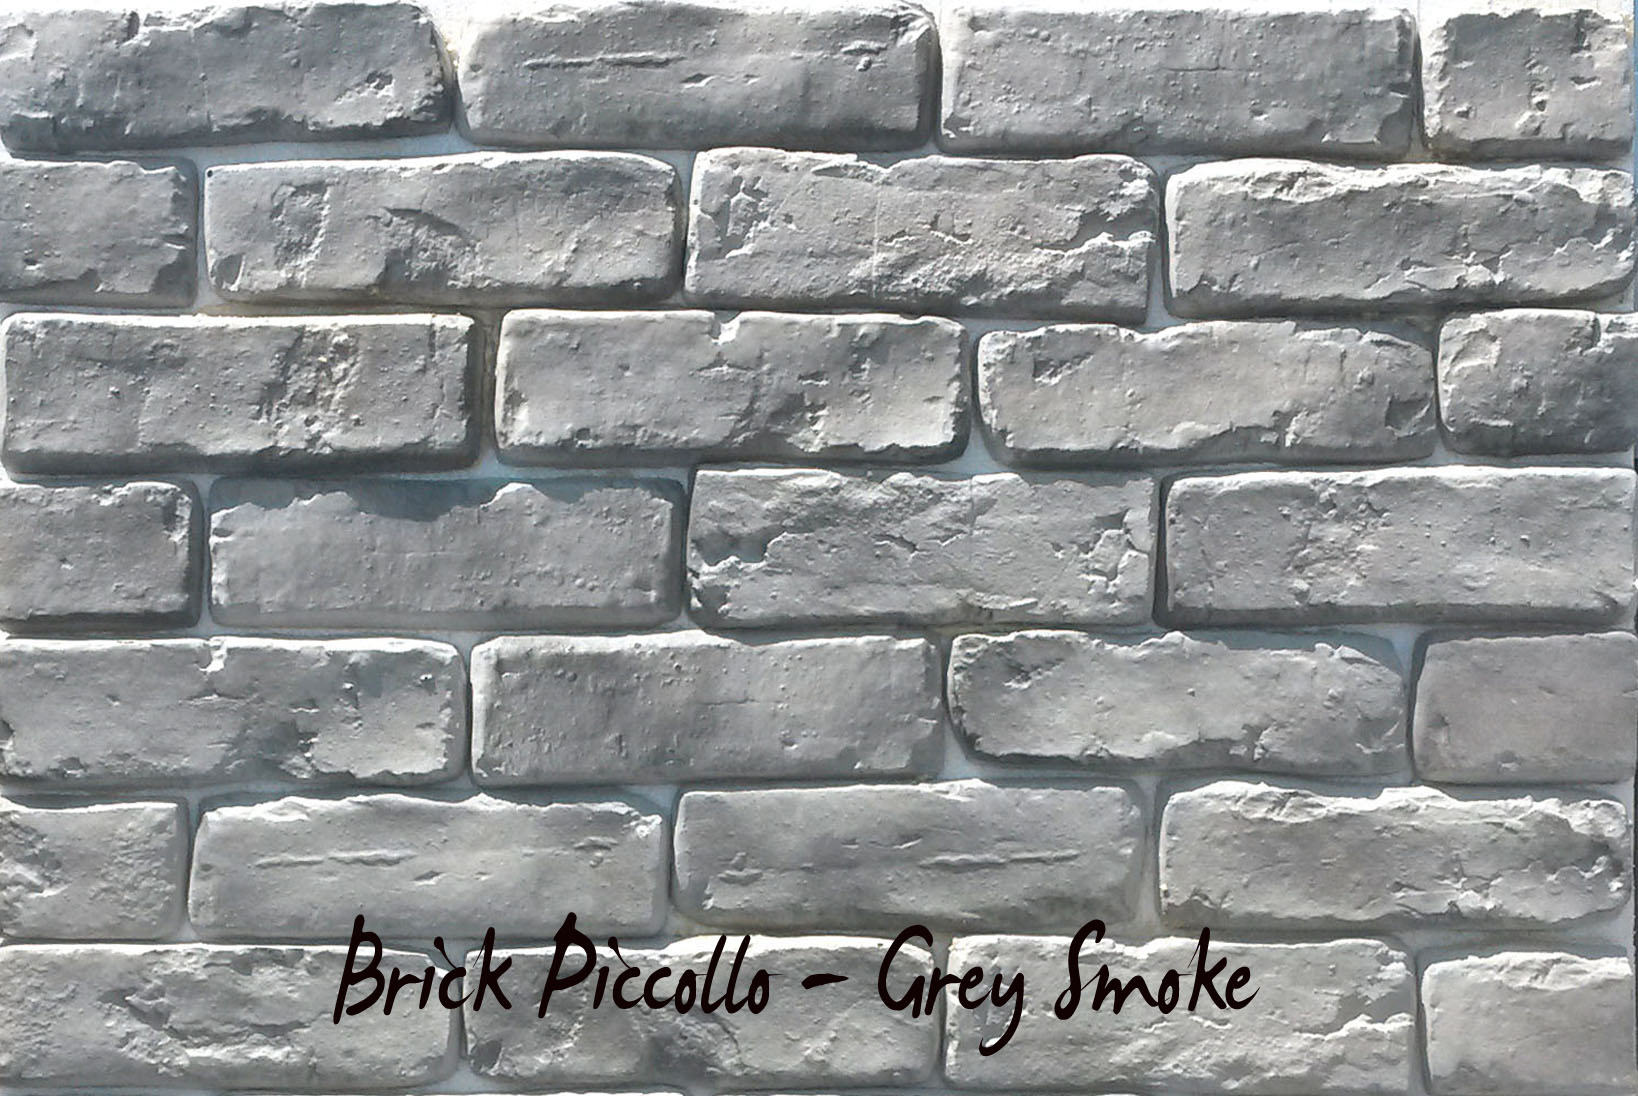 brick-piccollo-grey-smoke